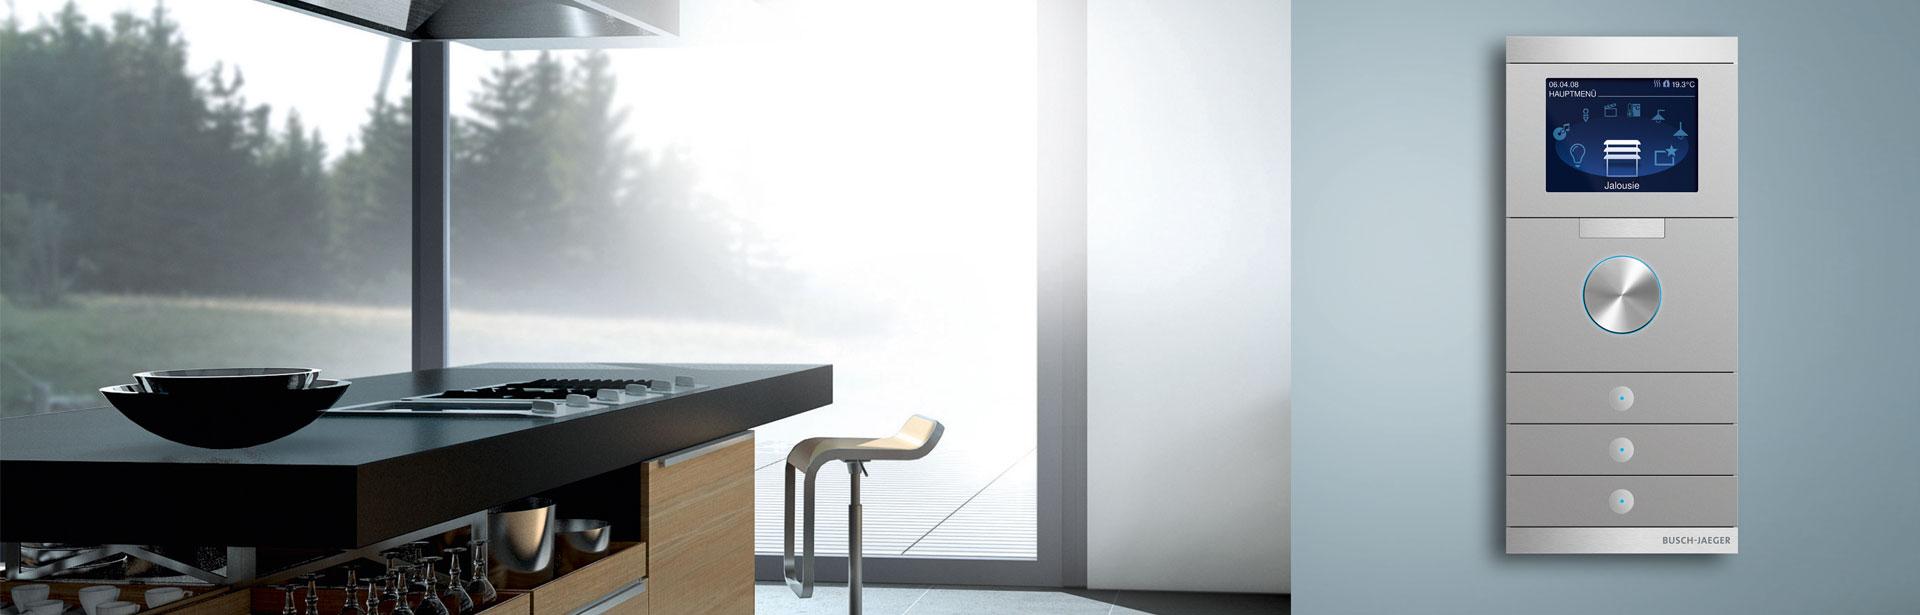 Smart Home (EIB / KNX)